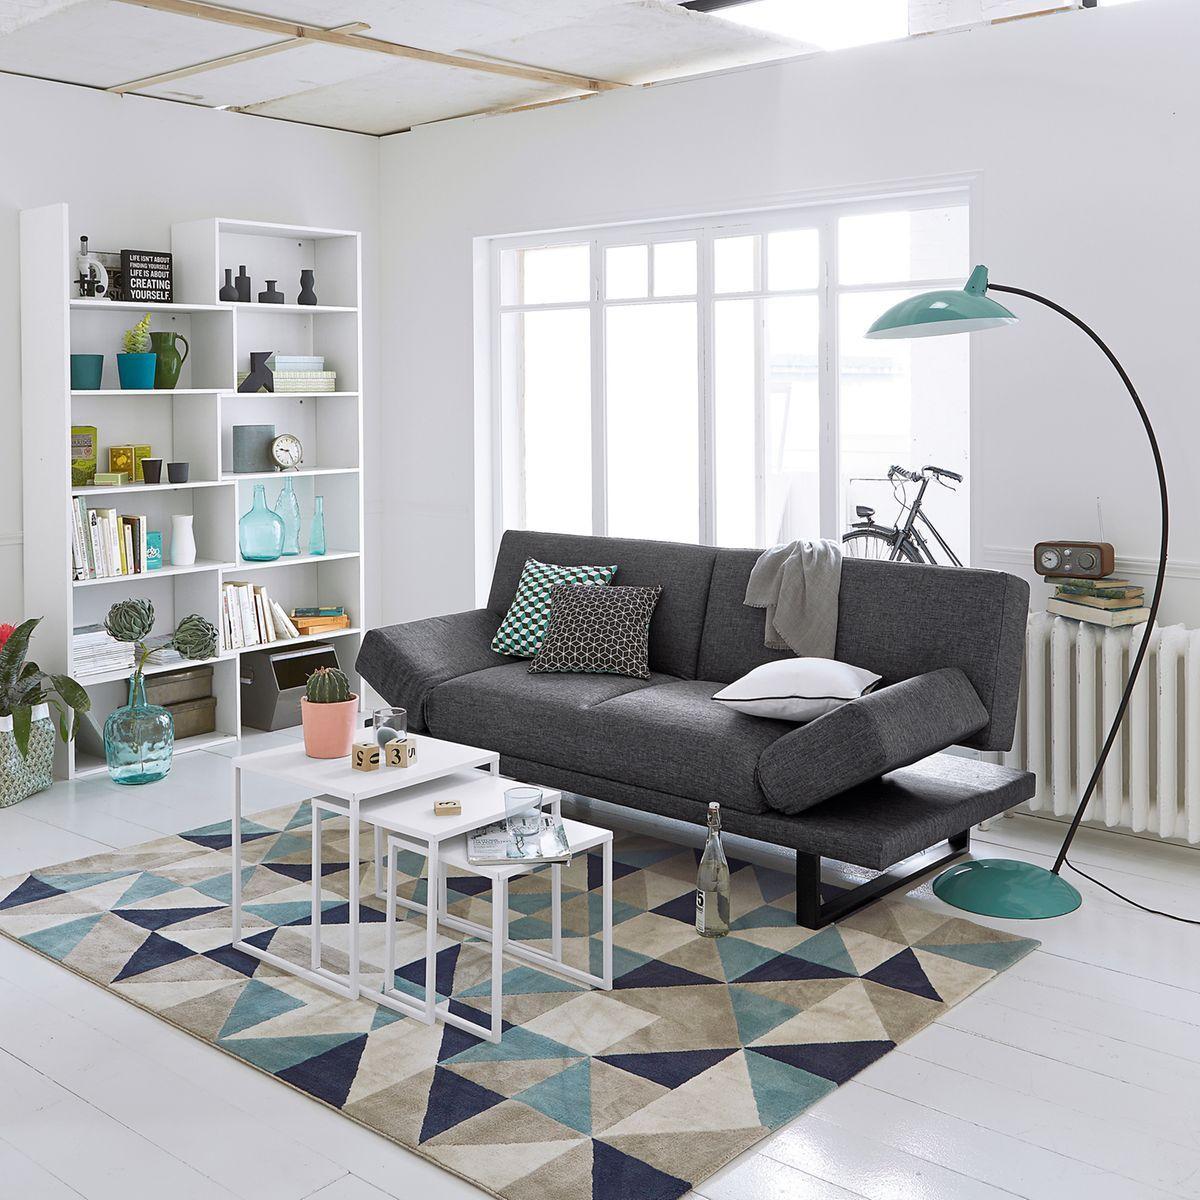 tapis elga imprimé gris/bleu la redoute interieurs | la redoute